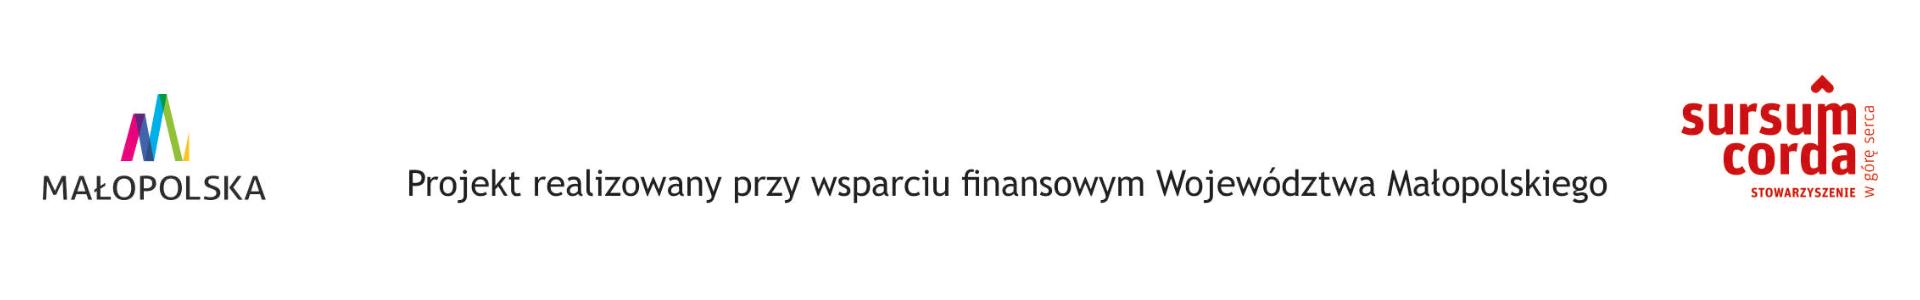 stopka-woj-malopolskie-01